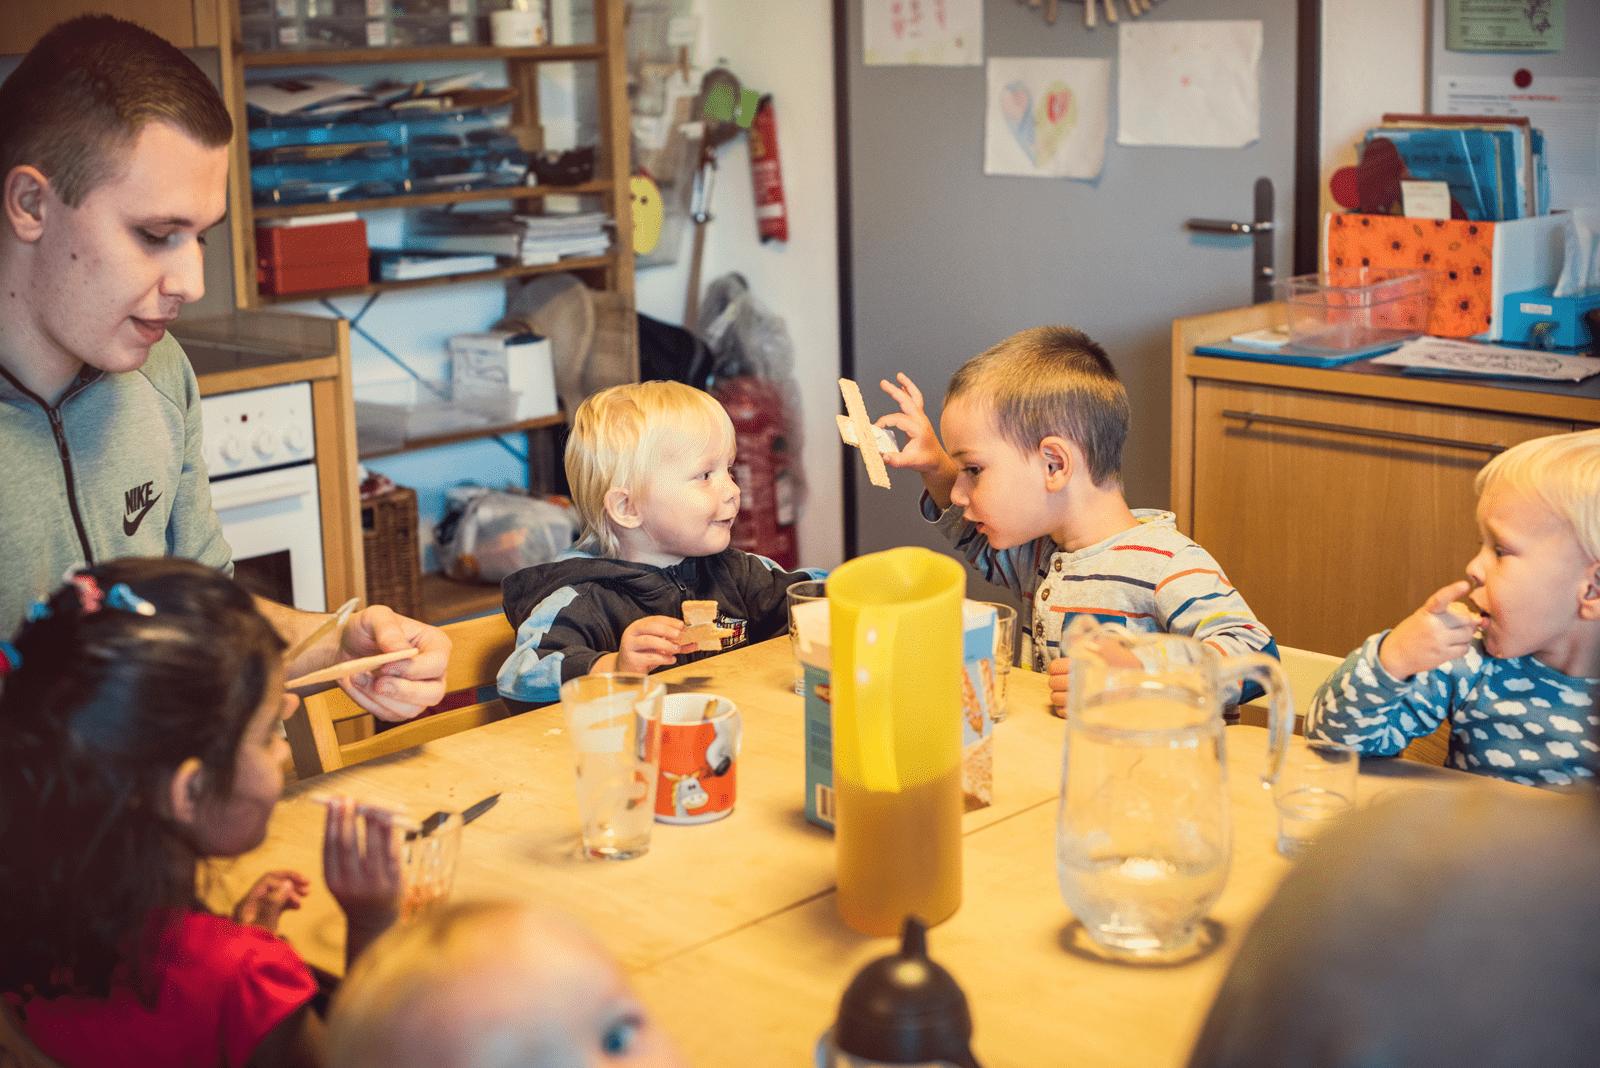 Alltagssituation in Kita, Kinder sitzen am Tisch und essen Zvieri.